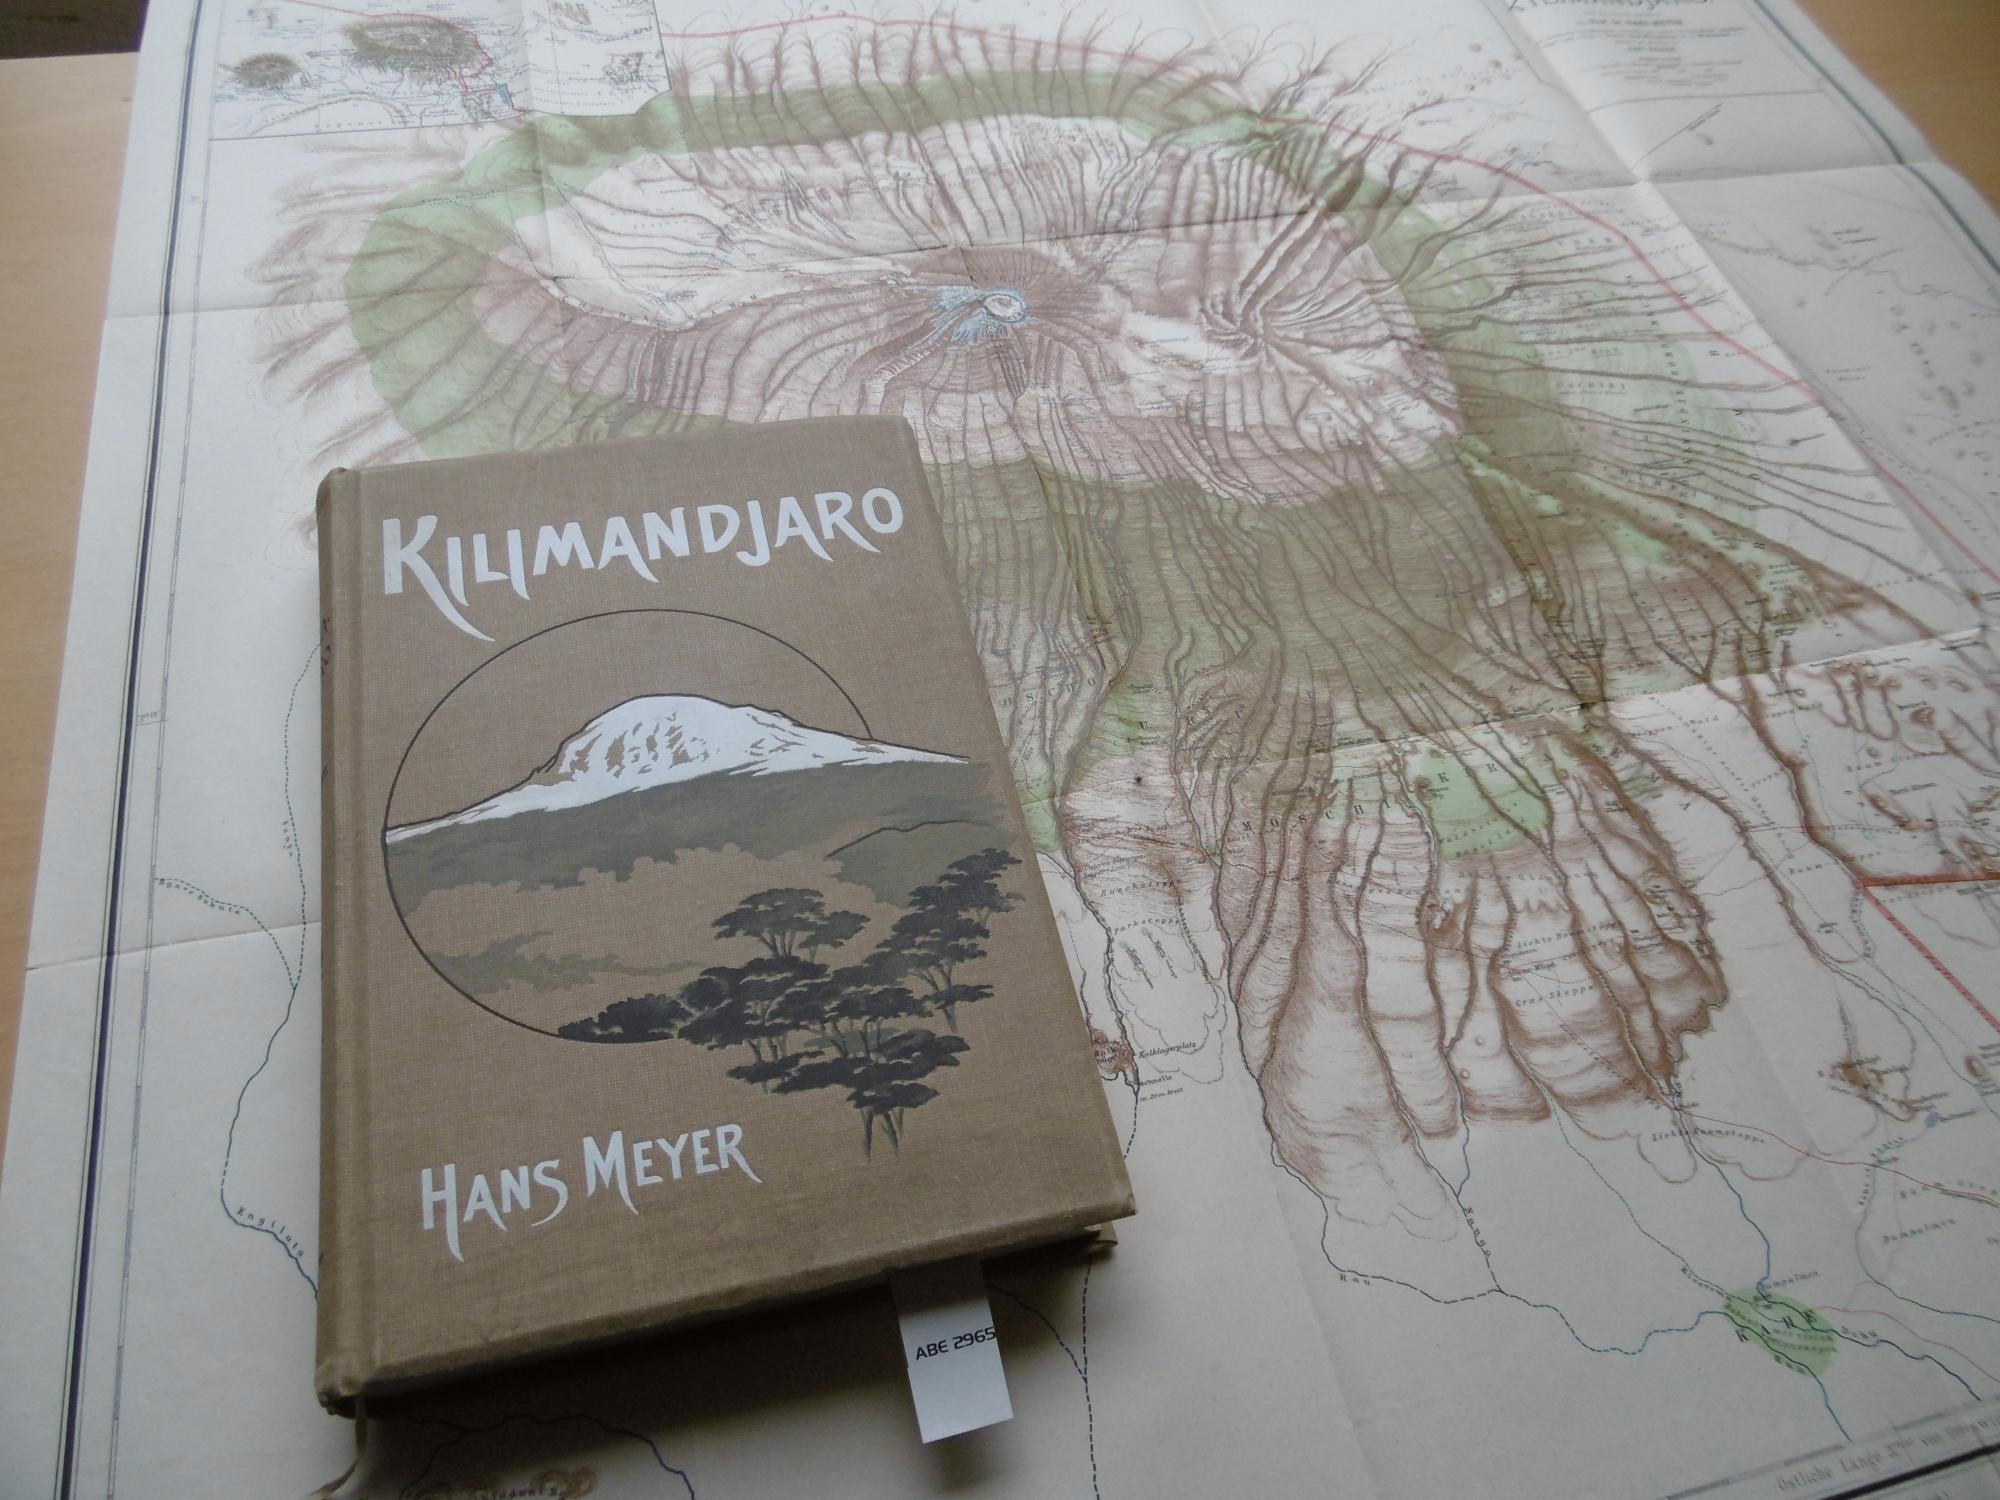 Der Kilimandjaro Reisen und Studien. Mit 4: Meyer, Hans